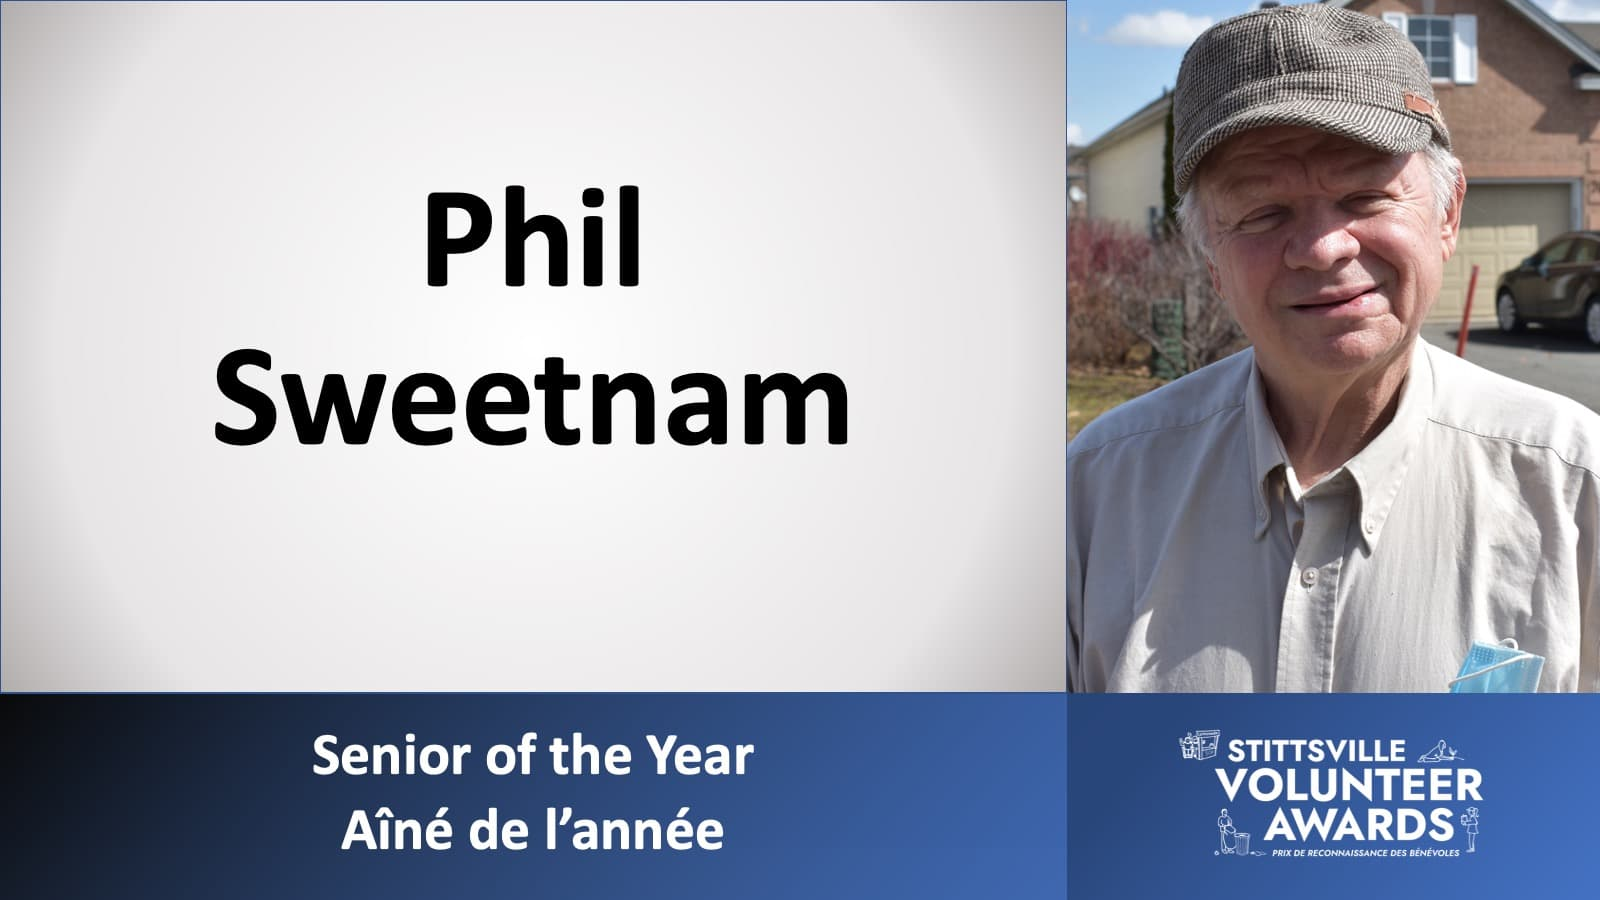 Phil Sweetnam